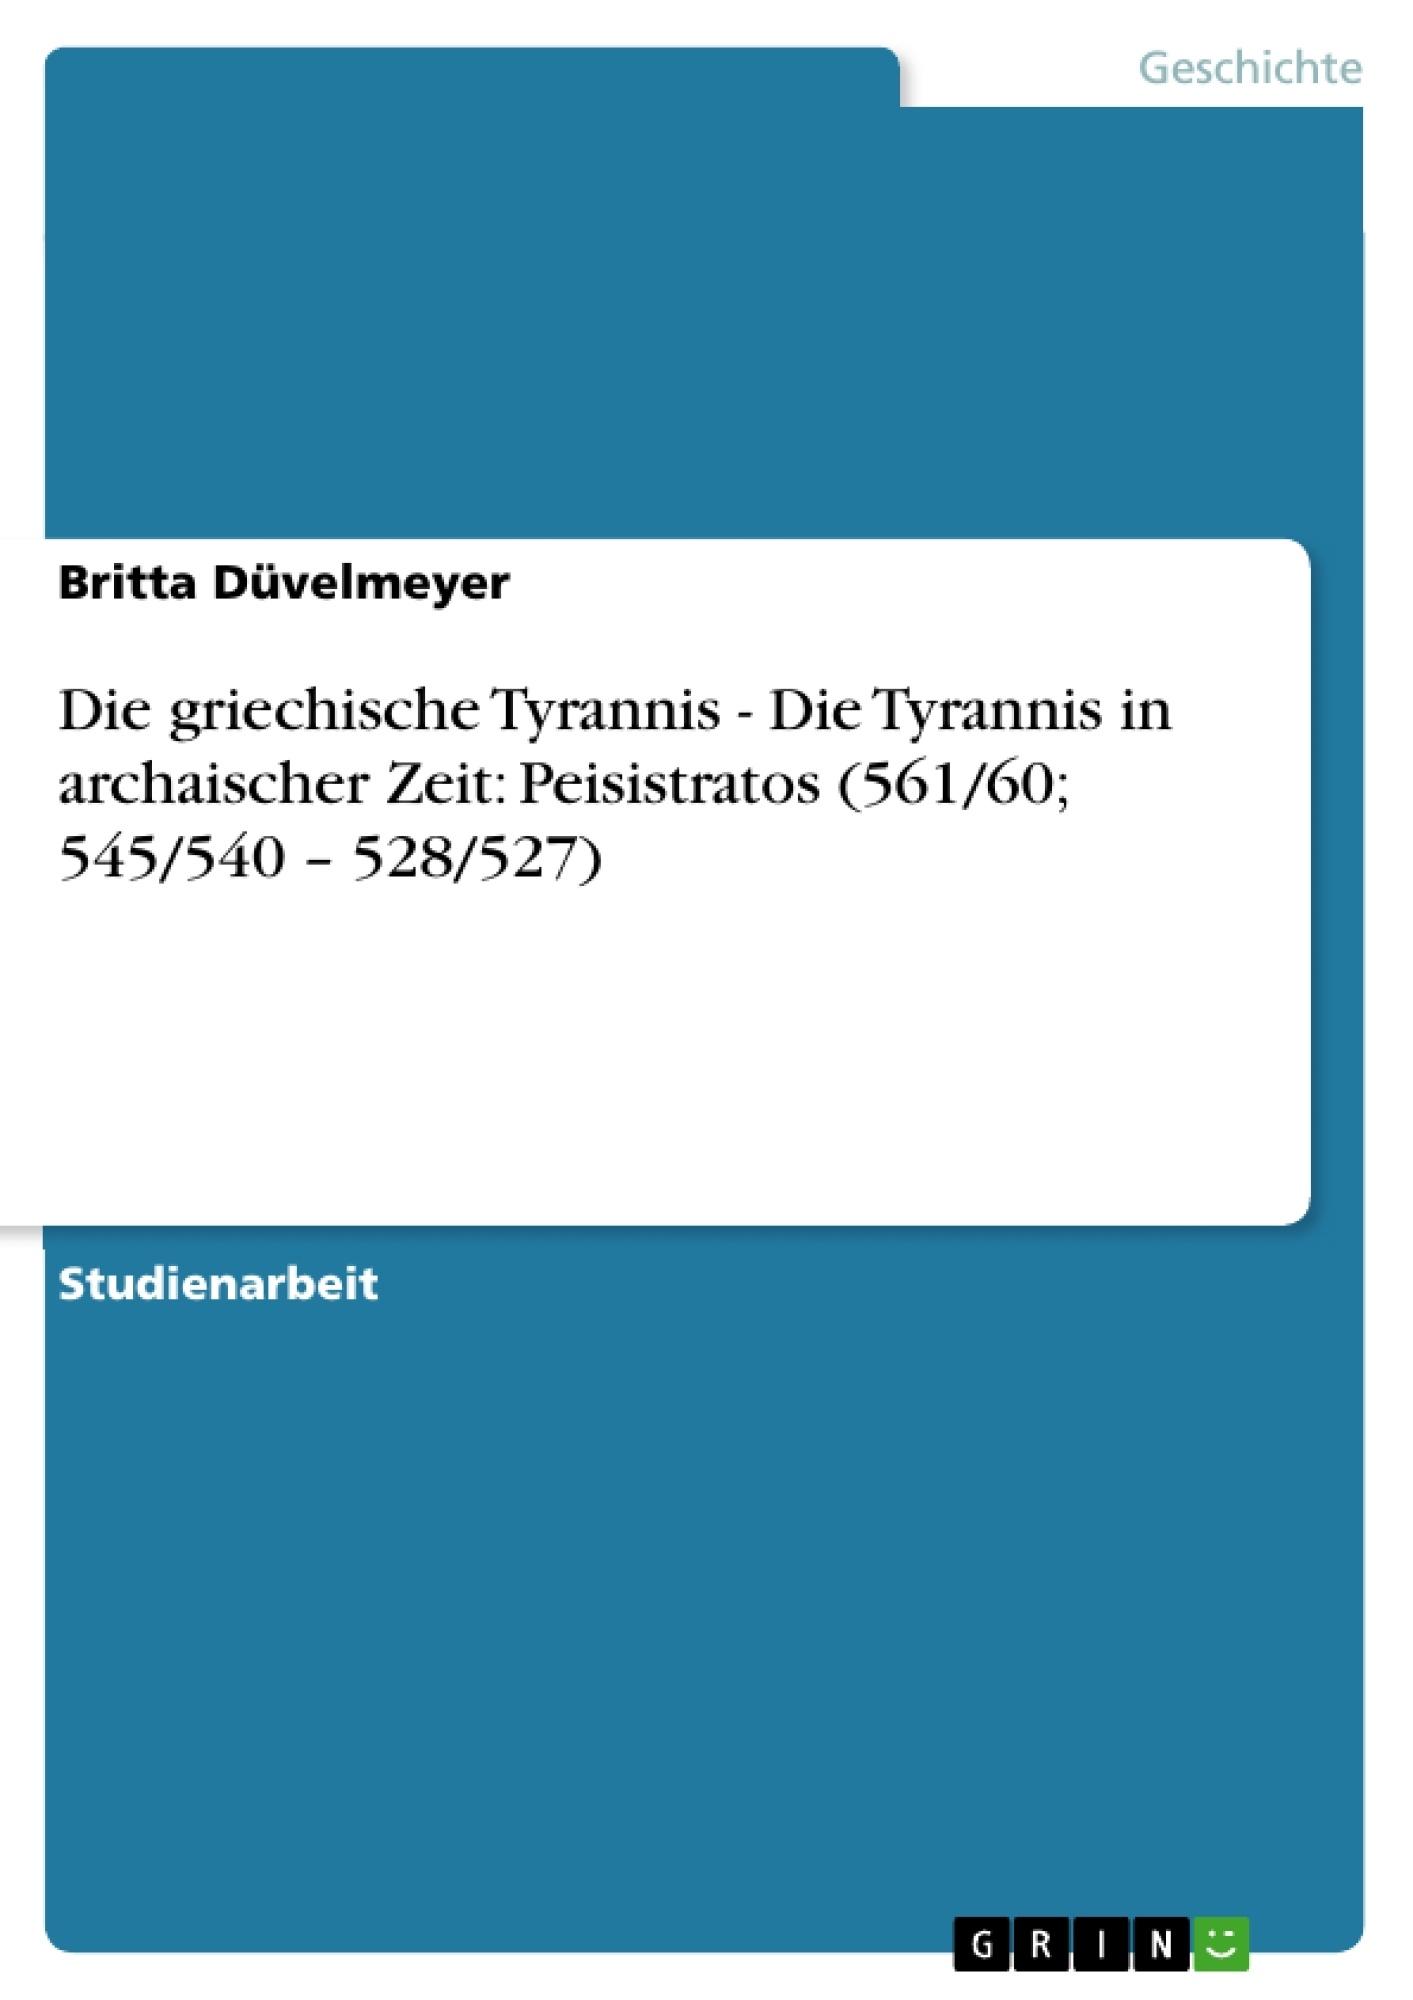 Titel: Die griechische Tyrannis - Die Tyrannis in archaischer Zeit: Peisistratos (561/60; 545/540 – 528/527)